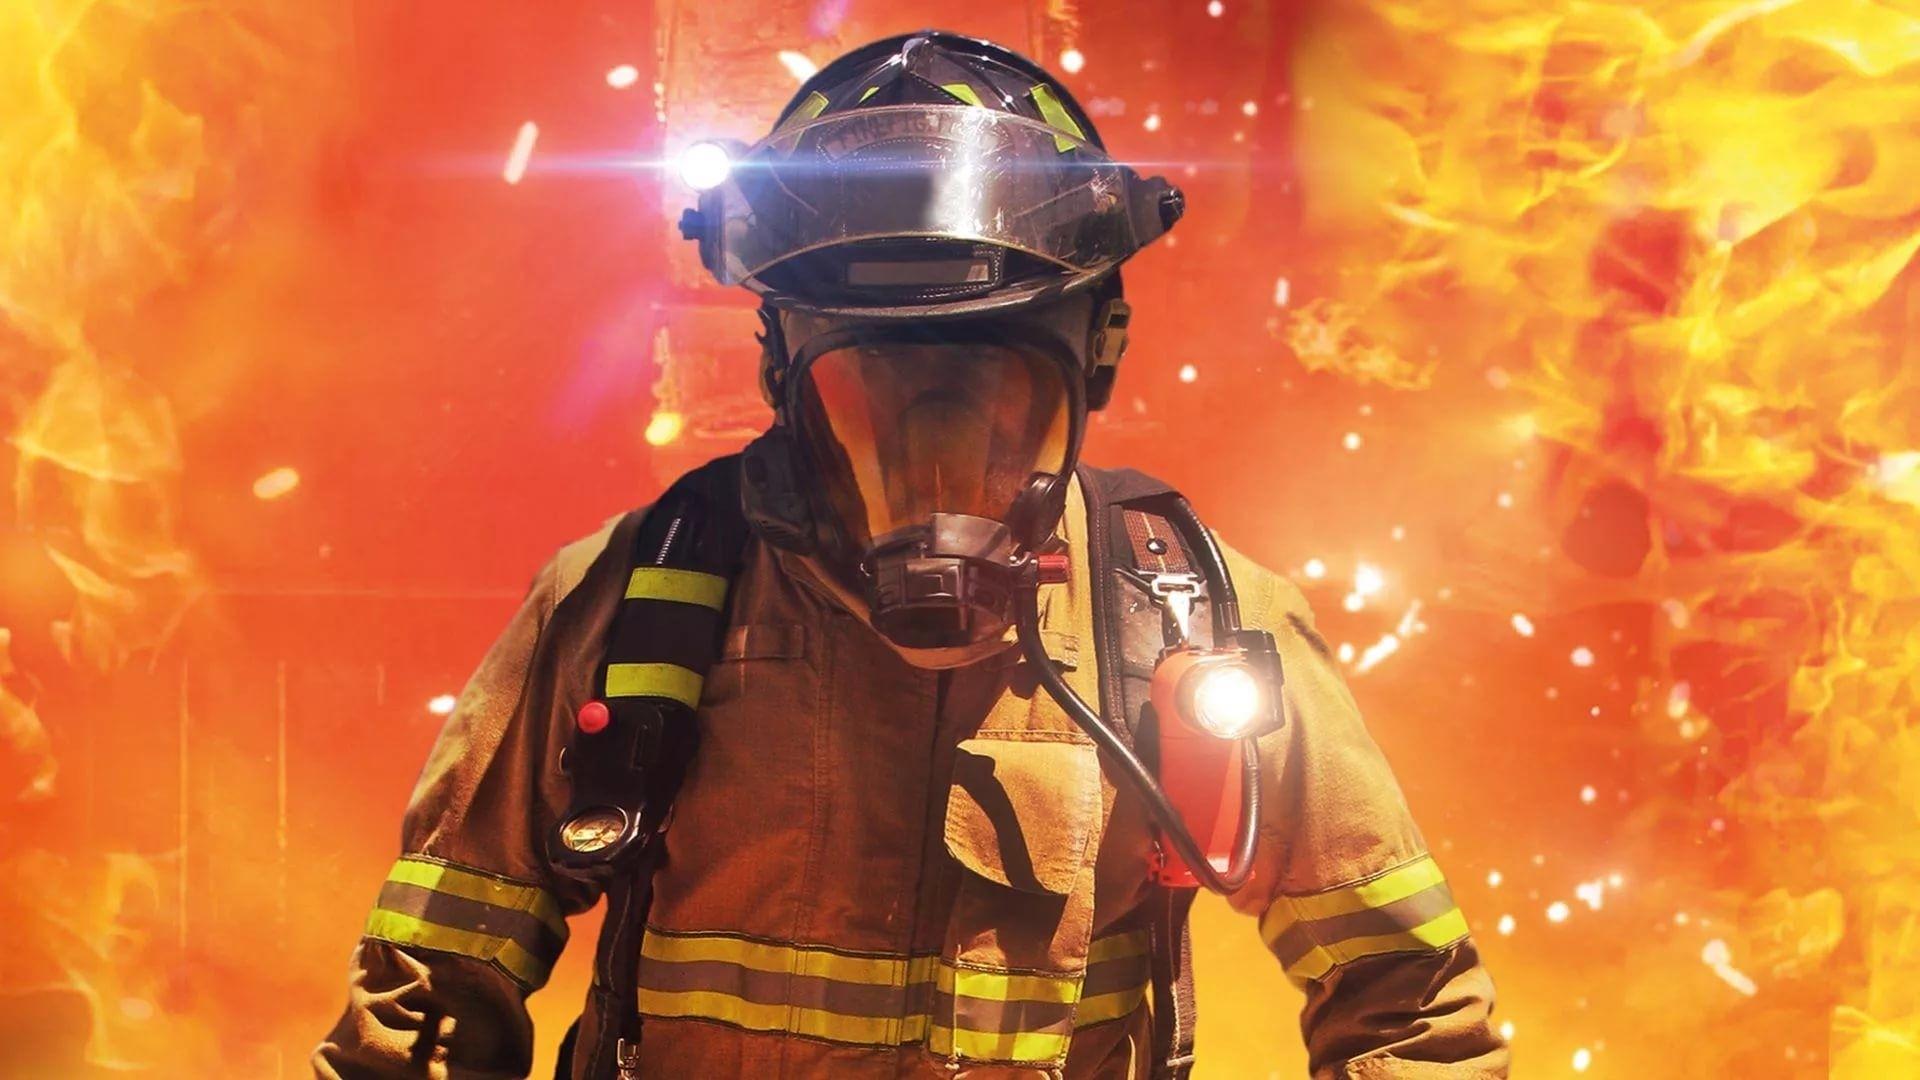 Firefighter wallpaper photo hd